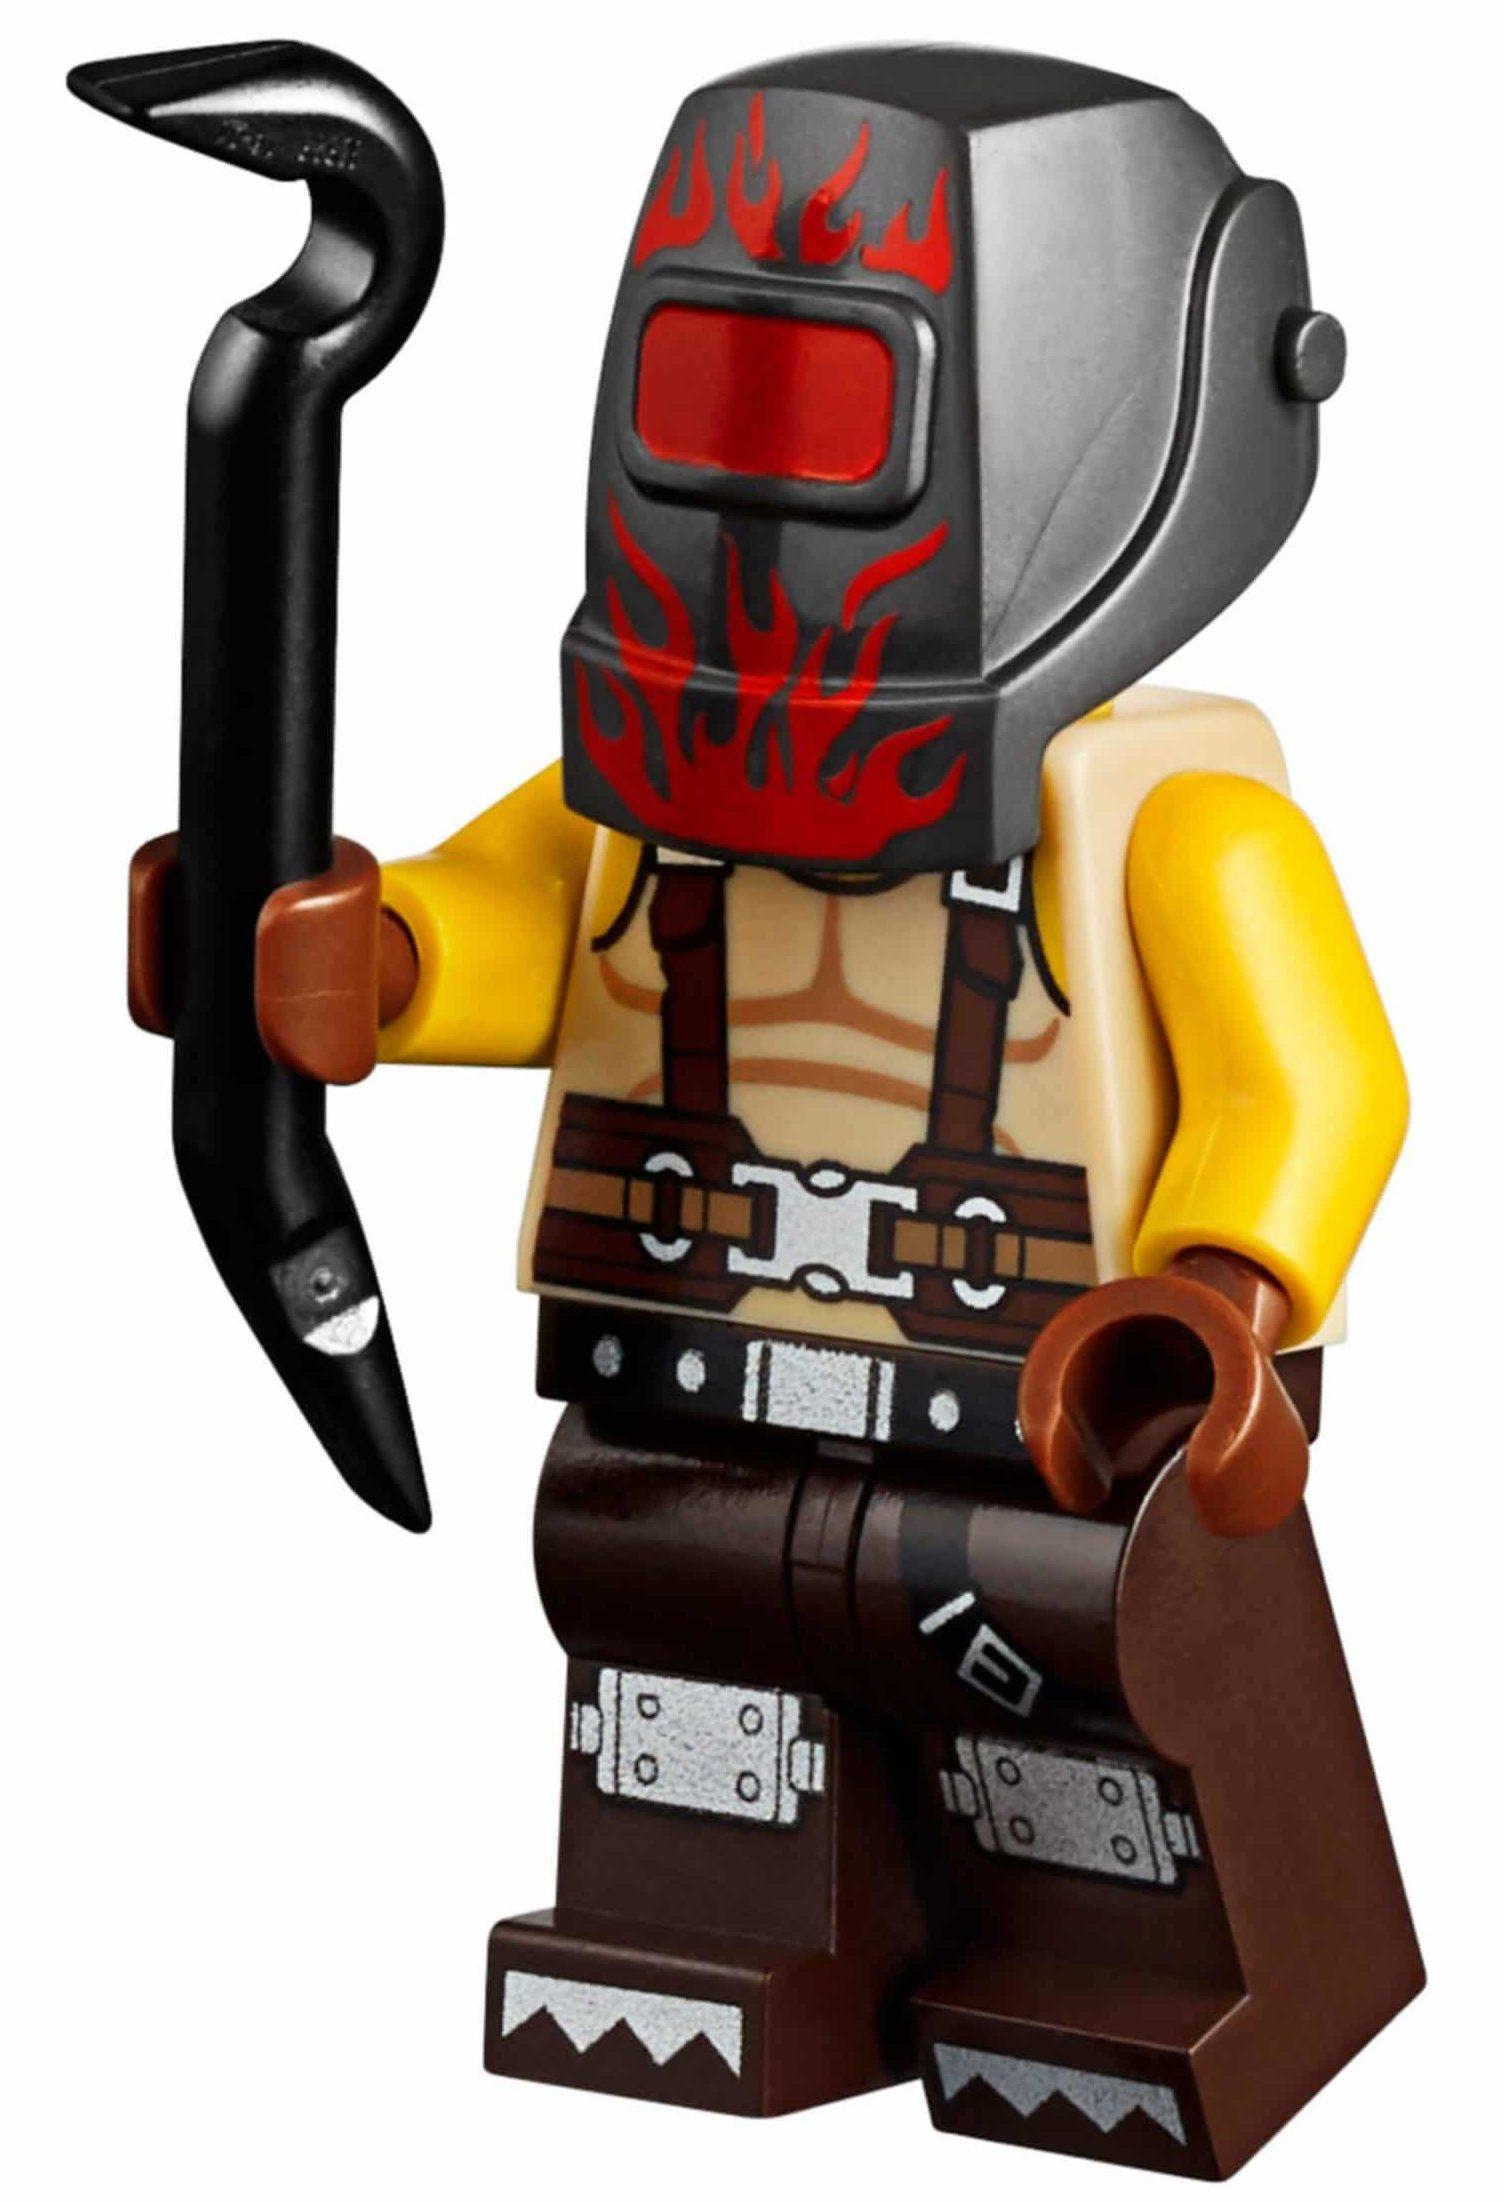 LEGO 70840 Apocalypseburg: Fuse